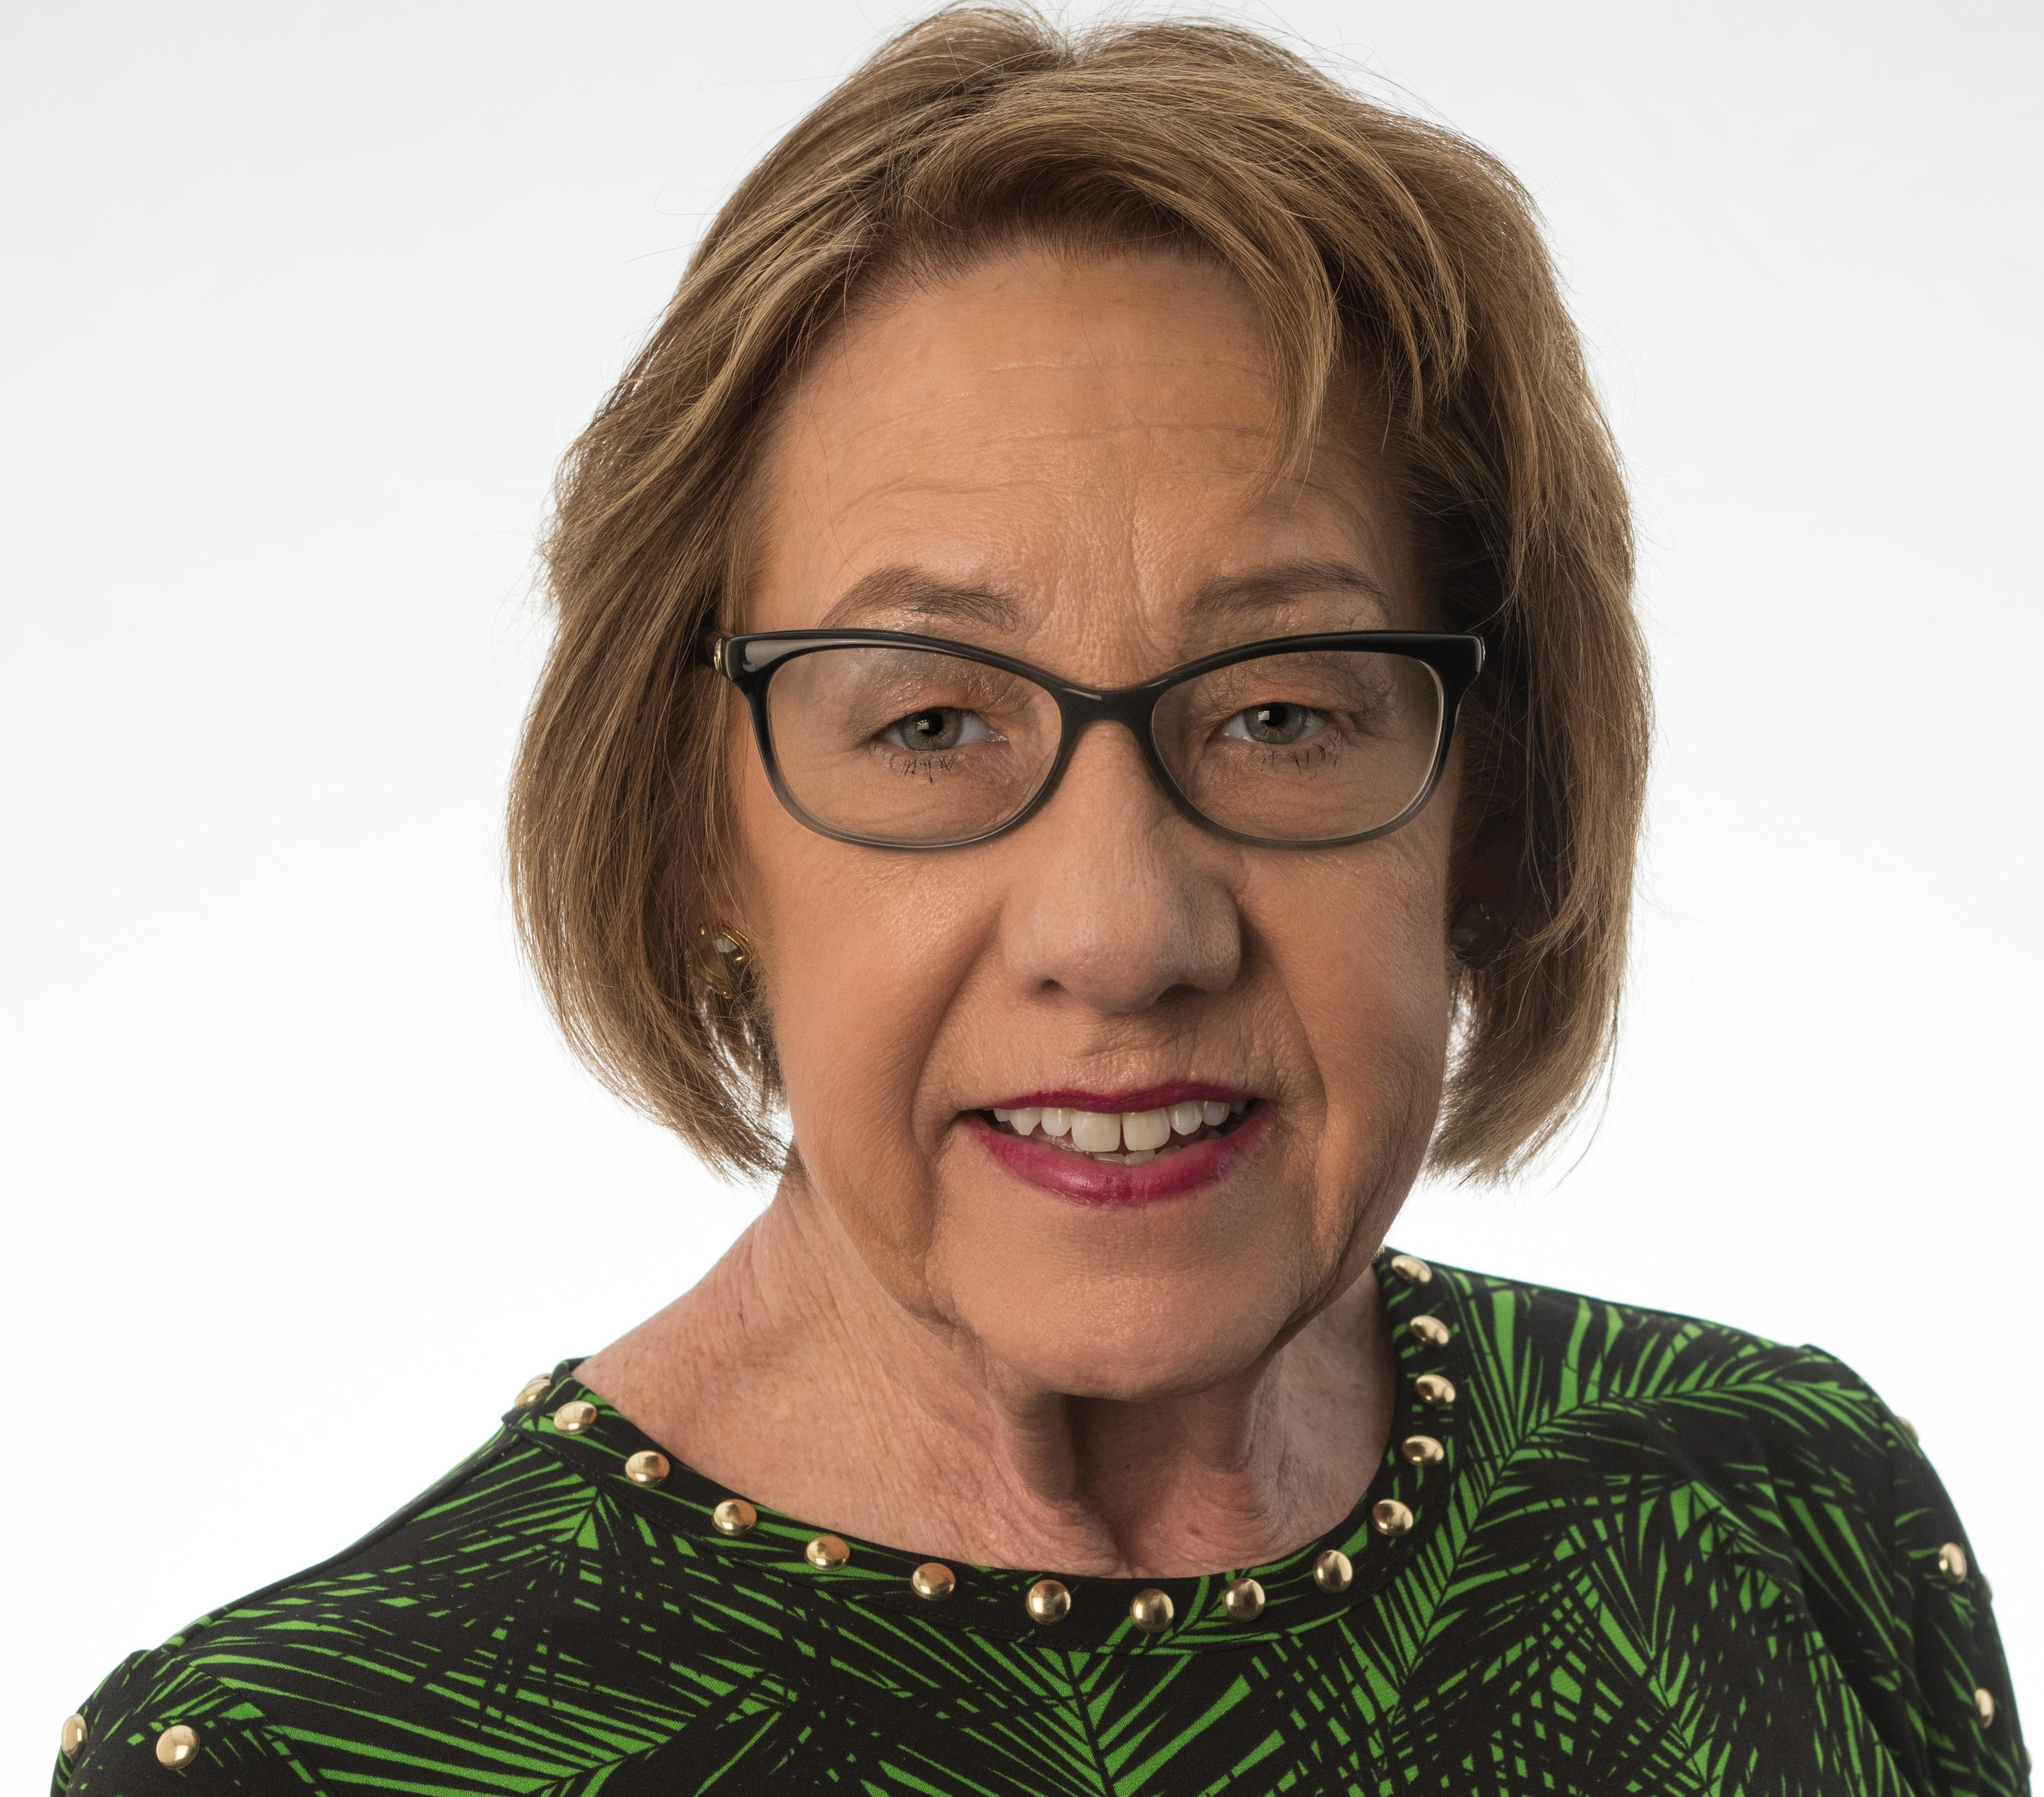 Valerie R. Szondy